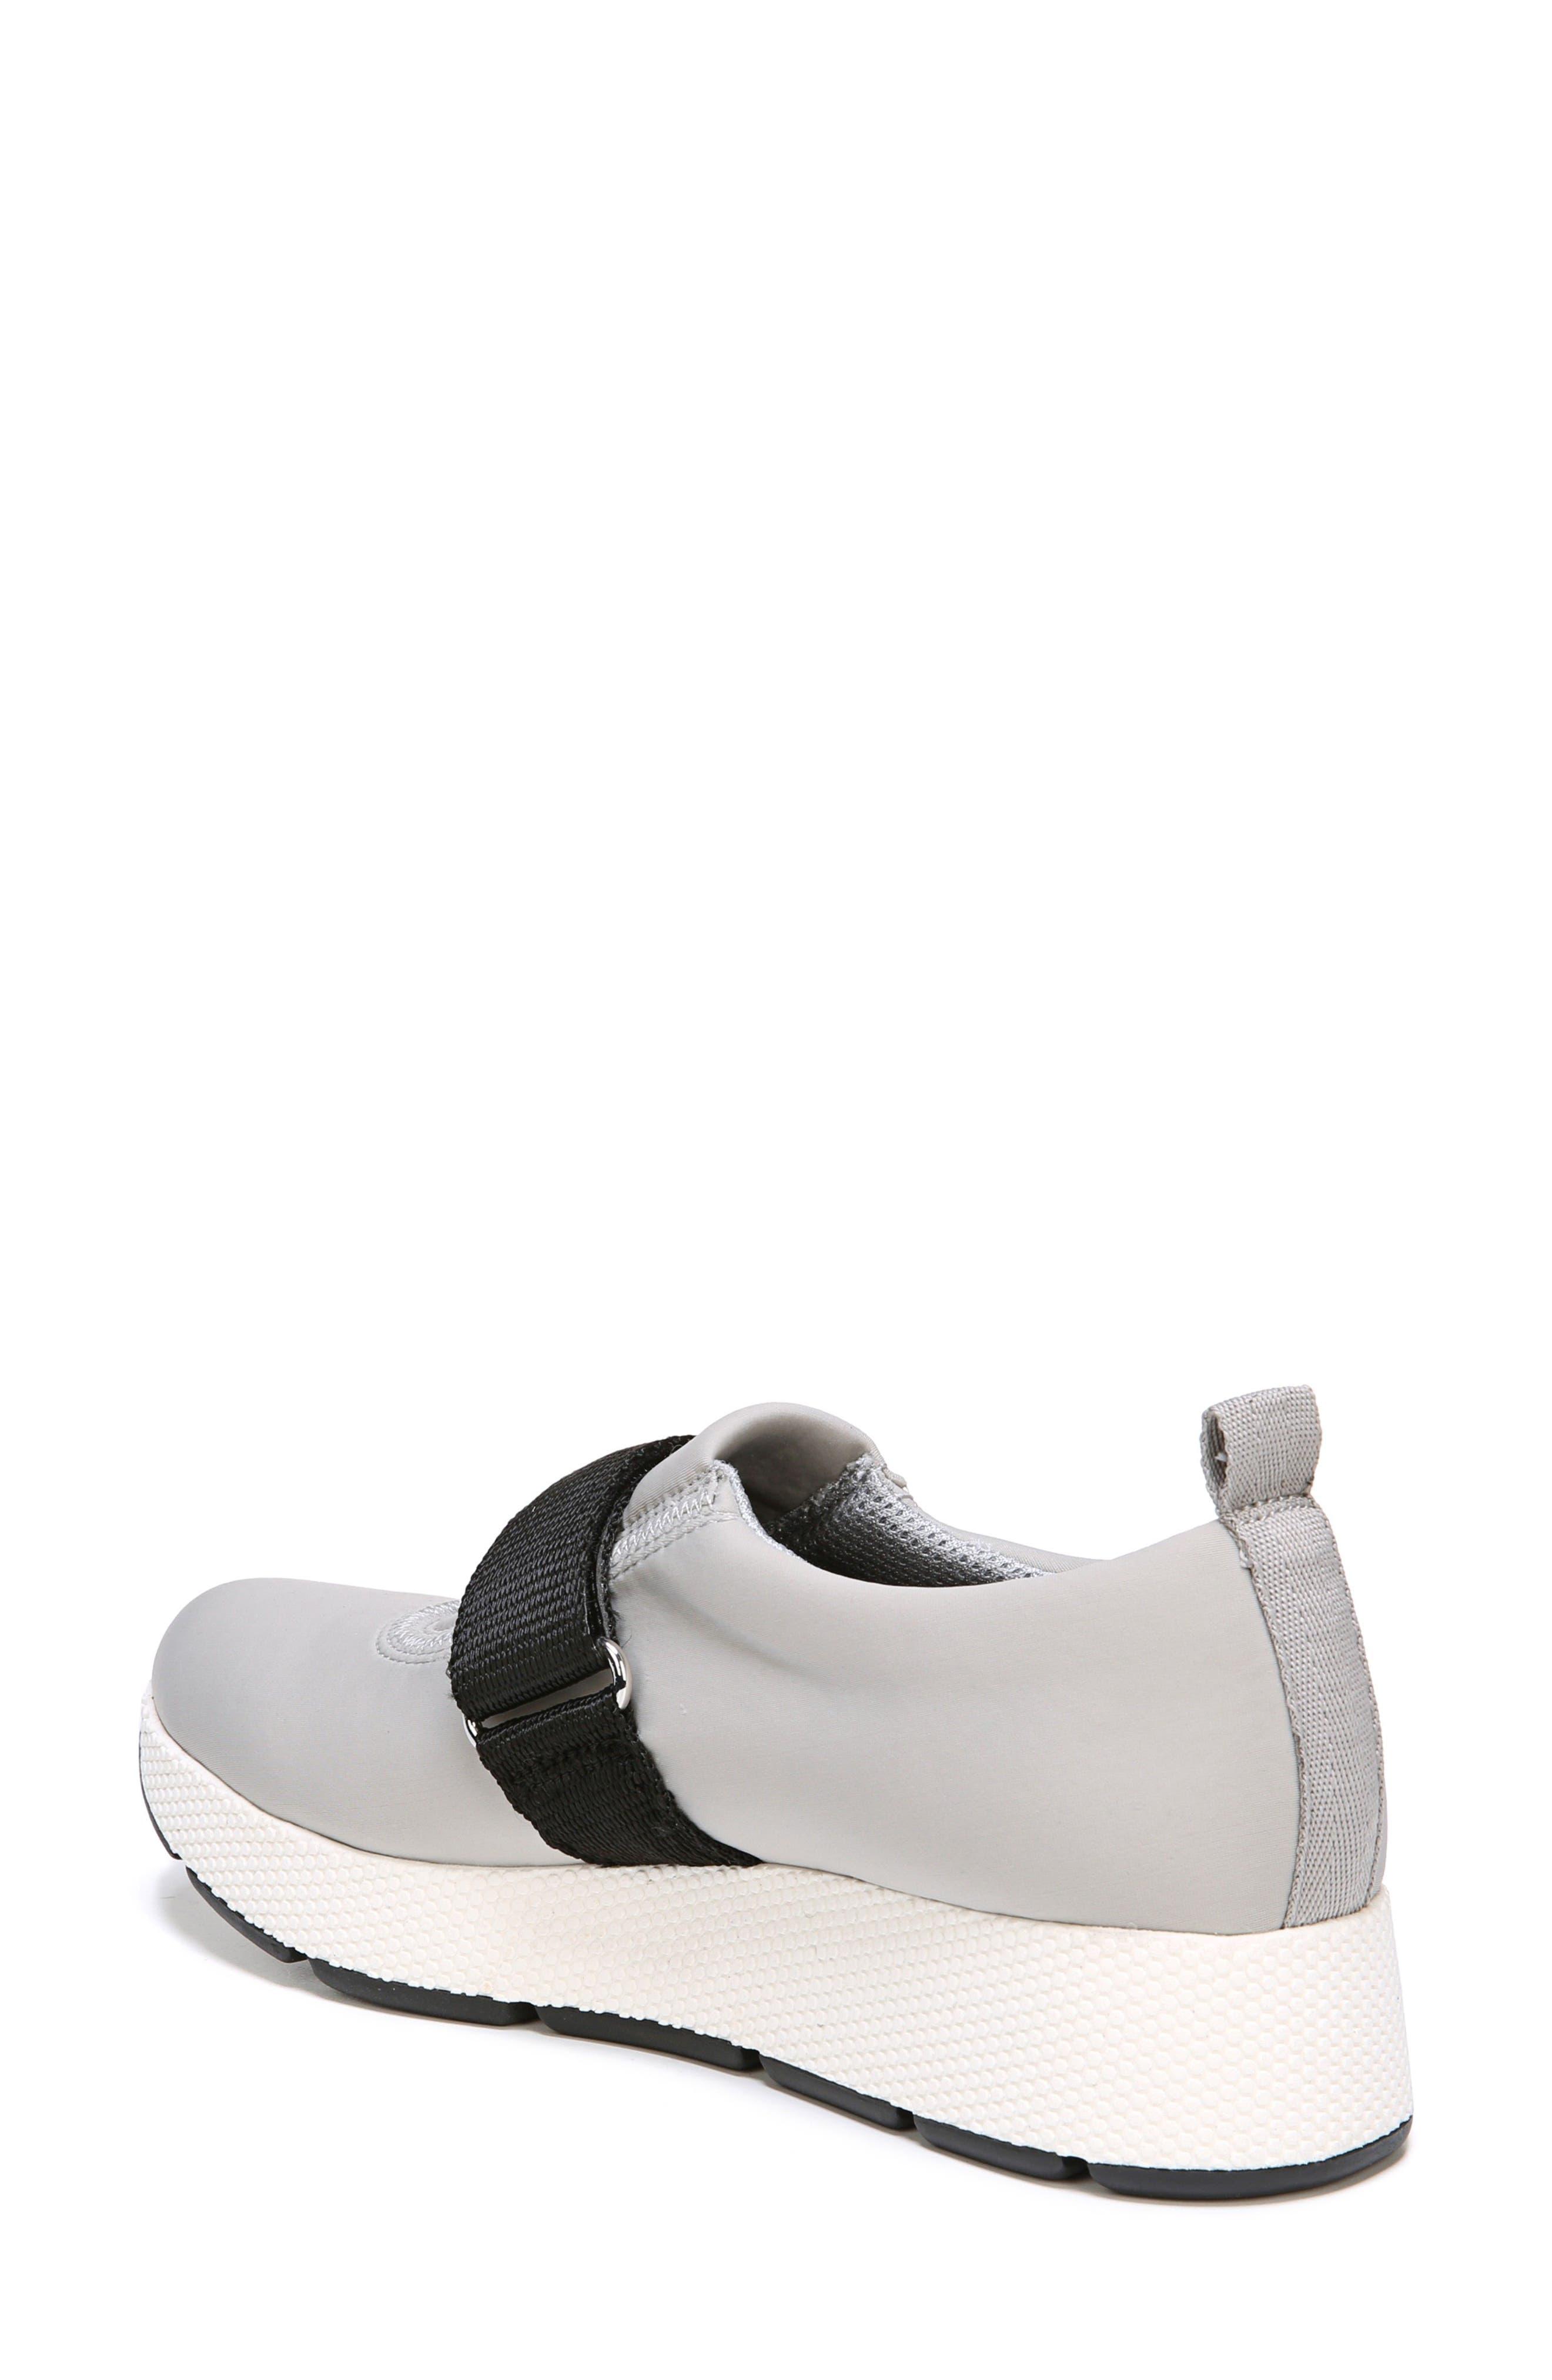 Odella Slip-On Sneaker,                             Alternate thumbnail 2, color,                             Light Grey Fabric